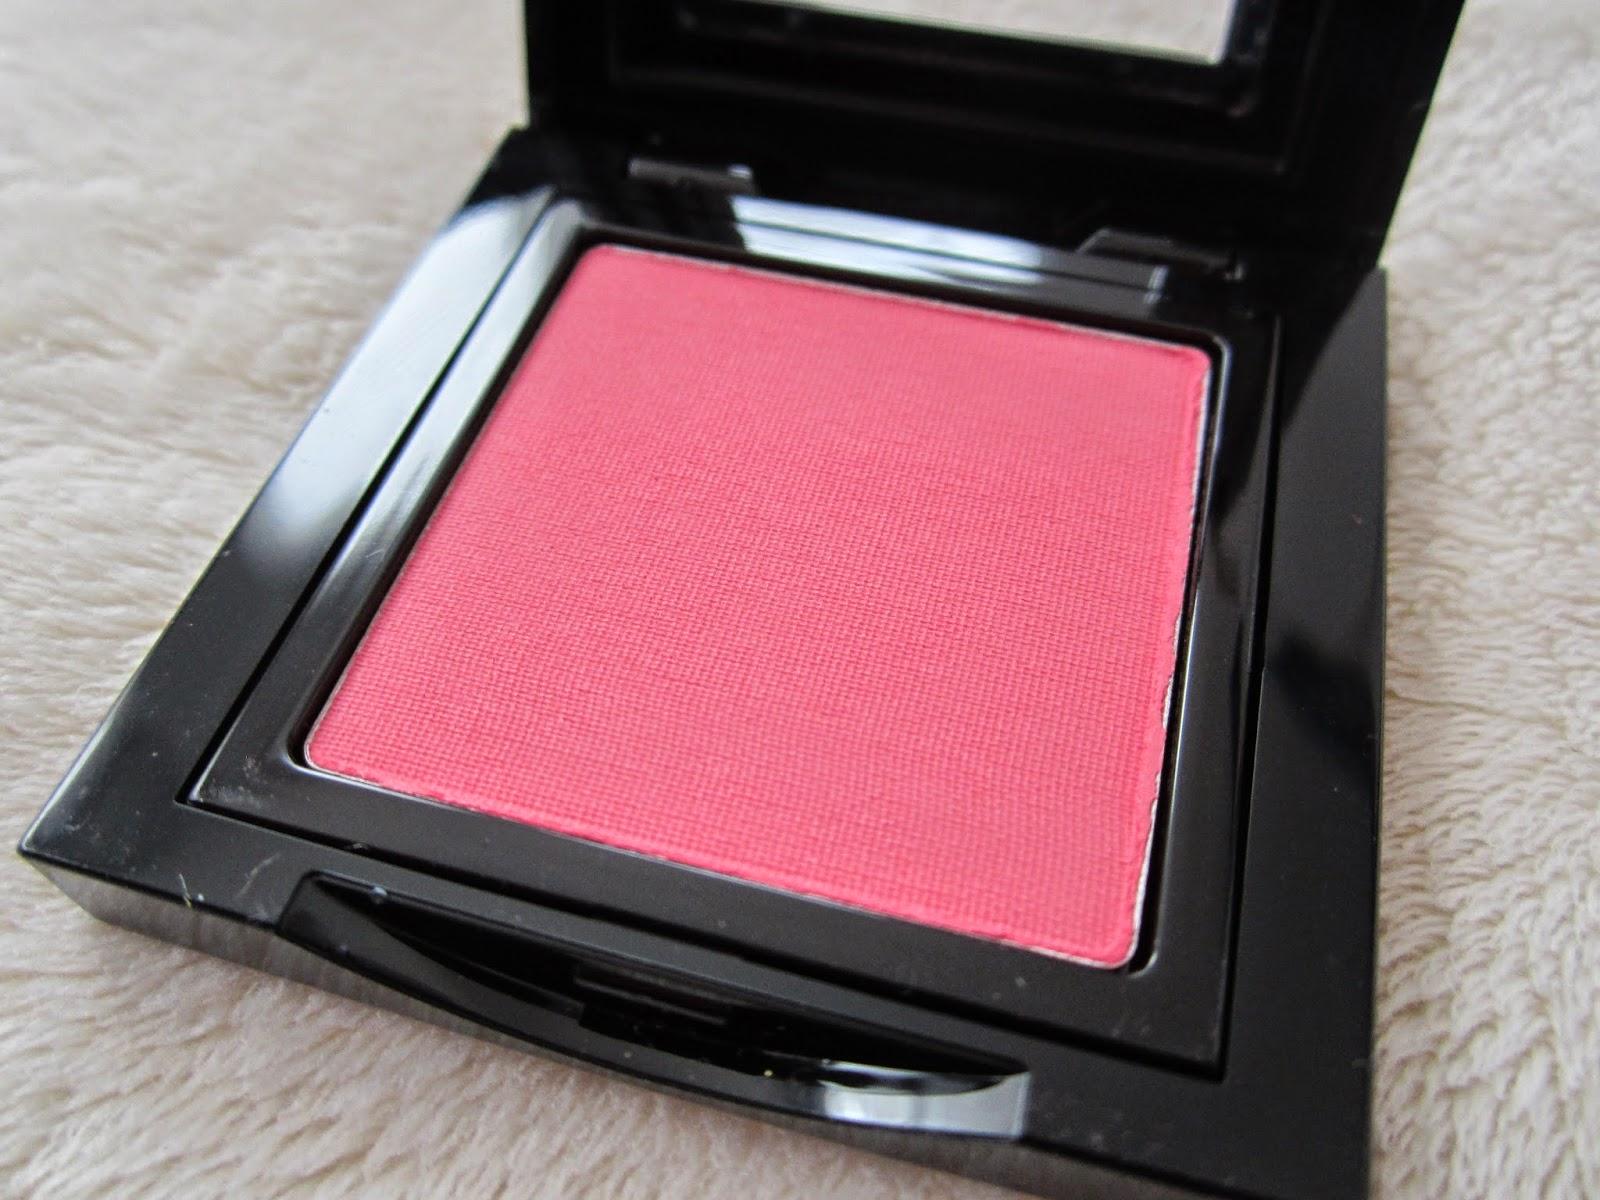 Bunnyals Beauty Spot Bobbi Brown Apricot Blush Review